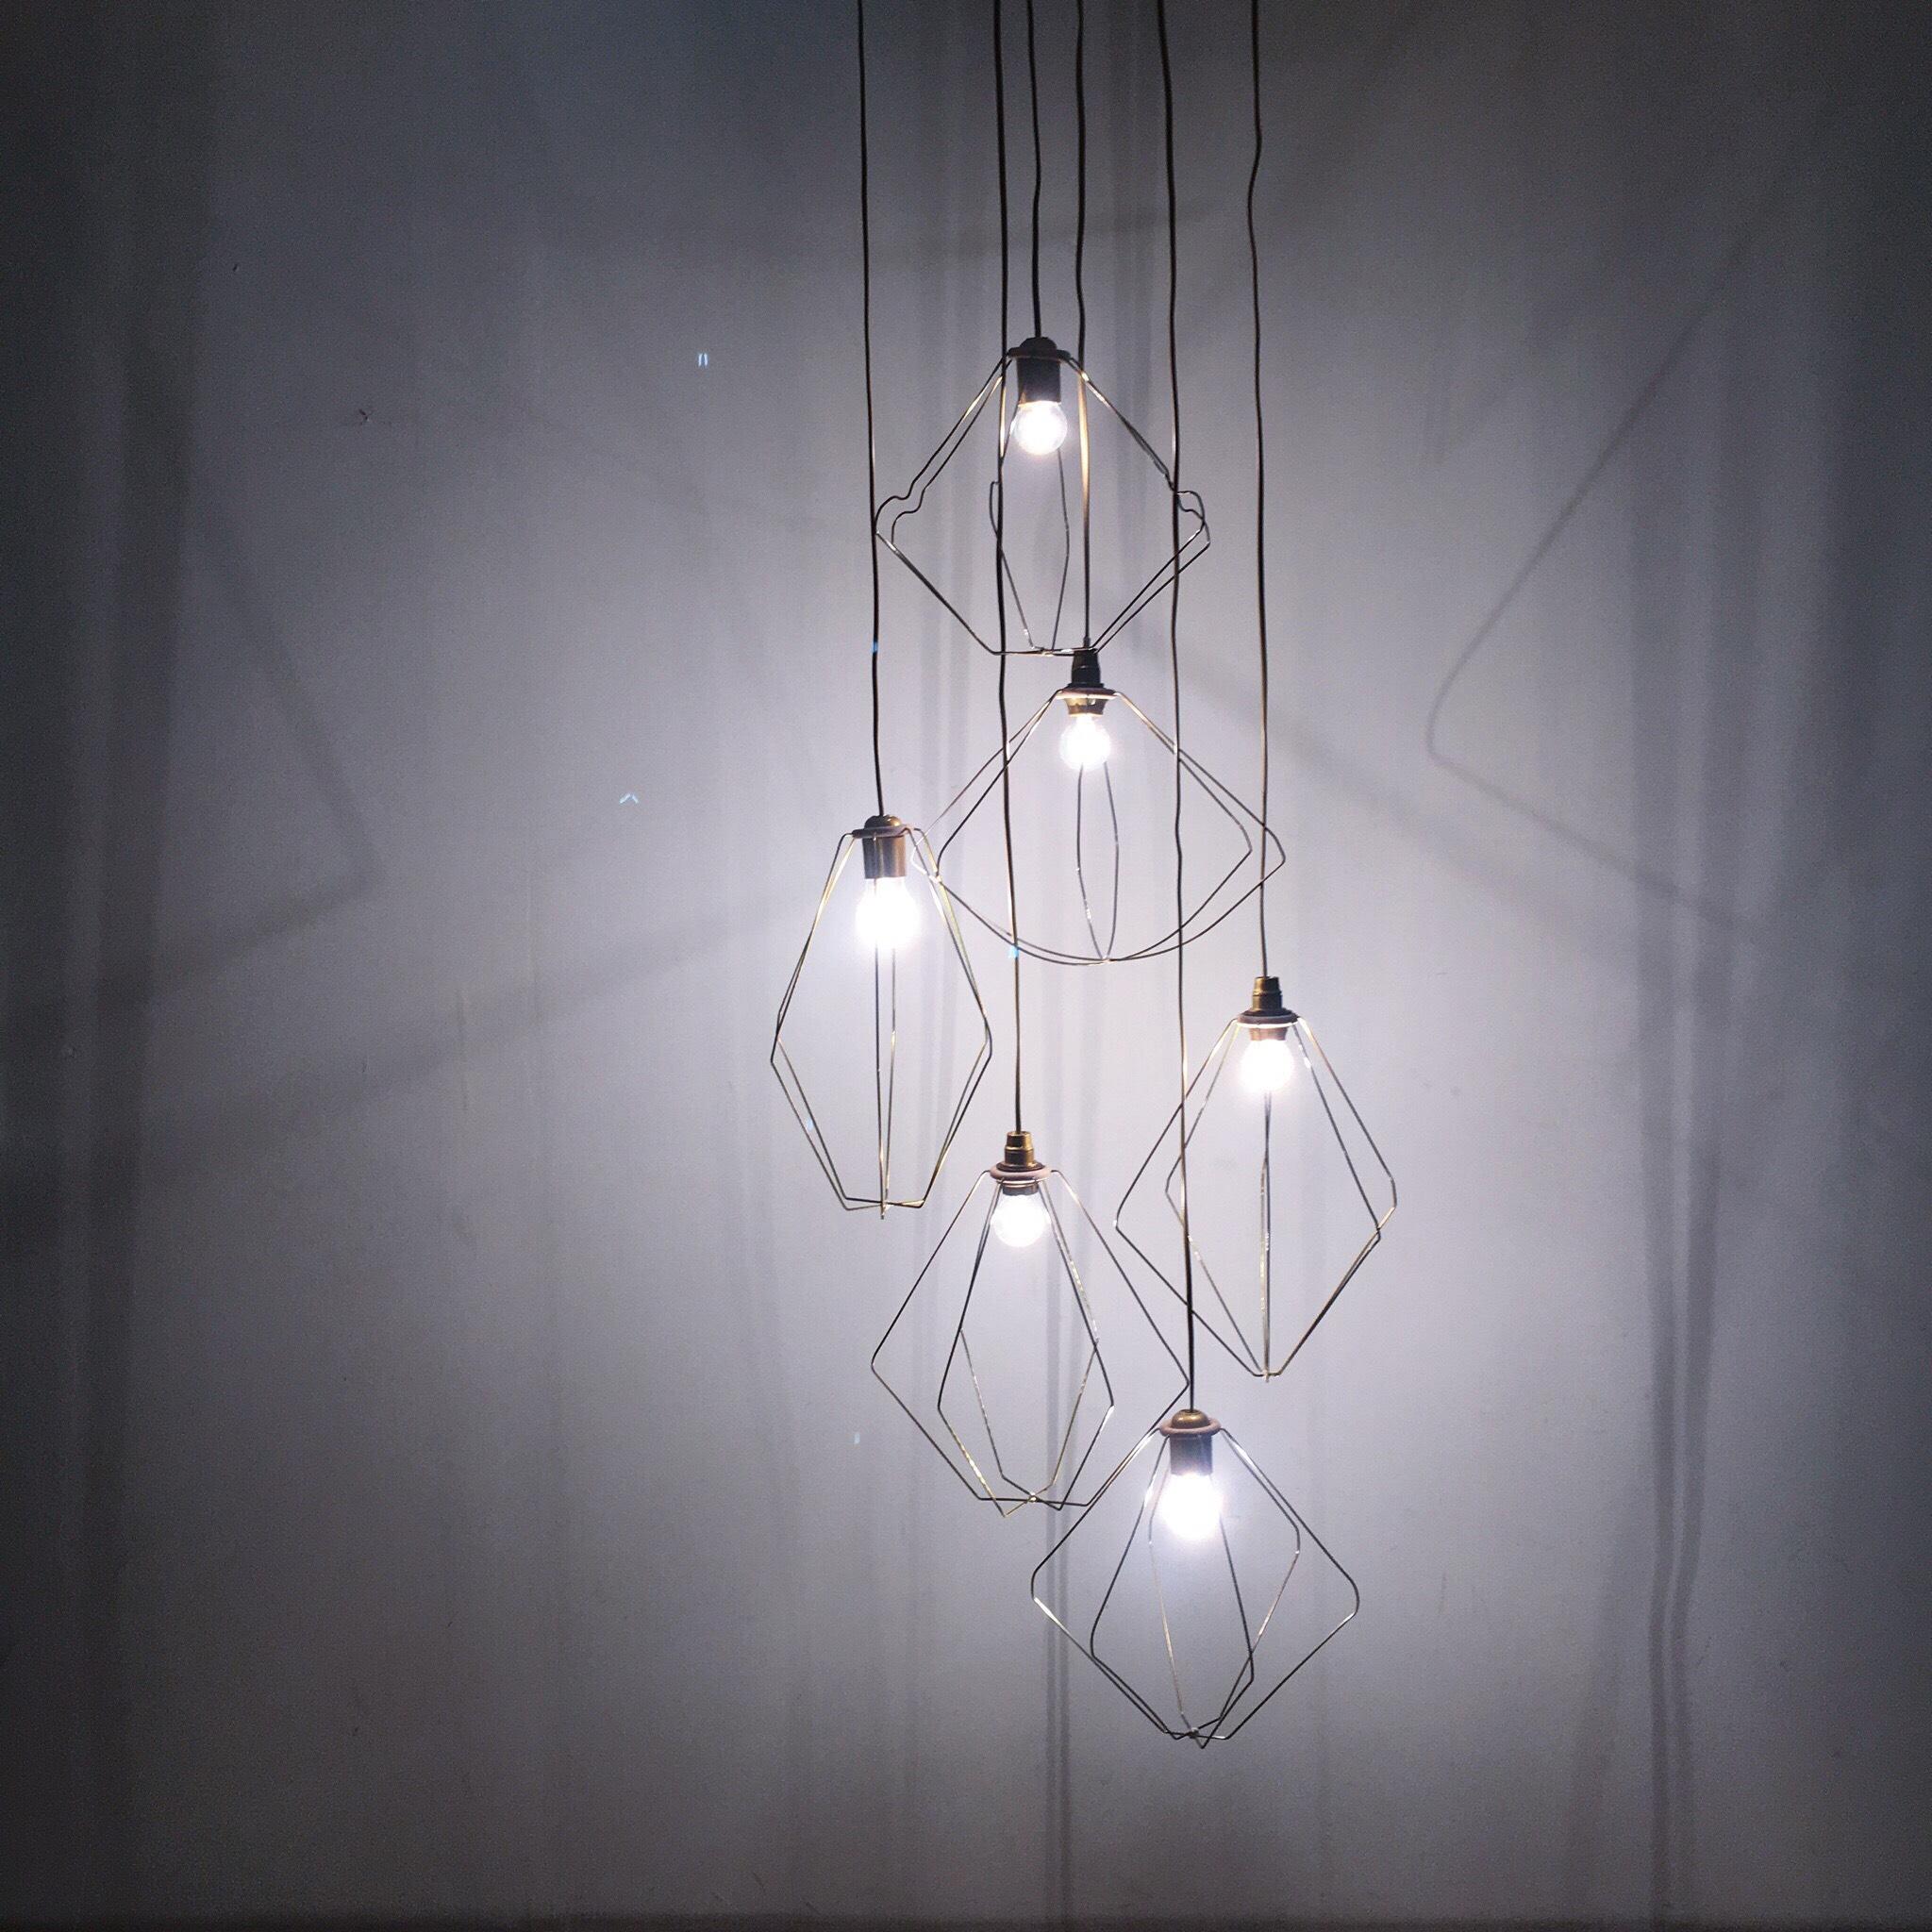 Des lampes fabriquées à partir de vieux cintres